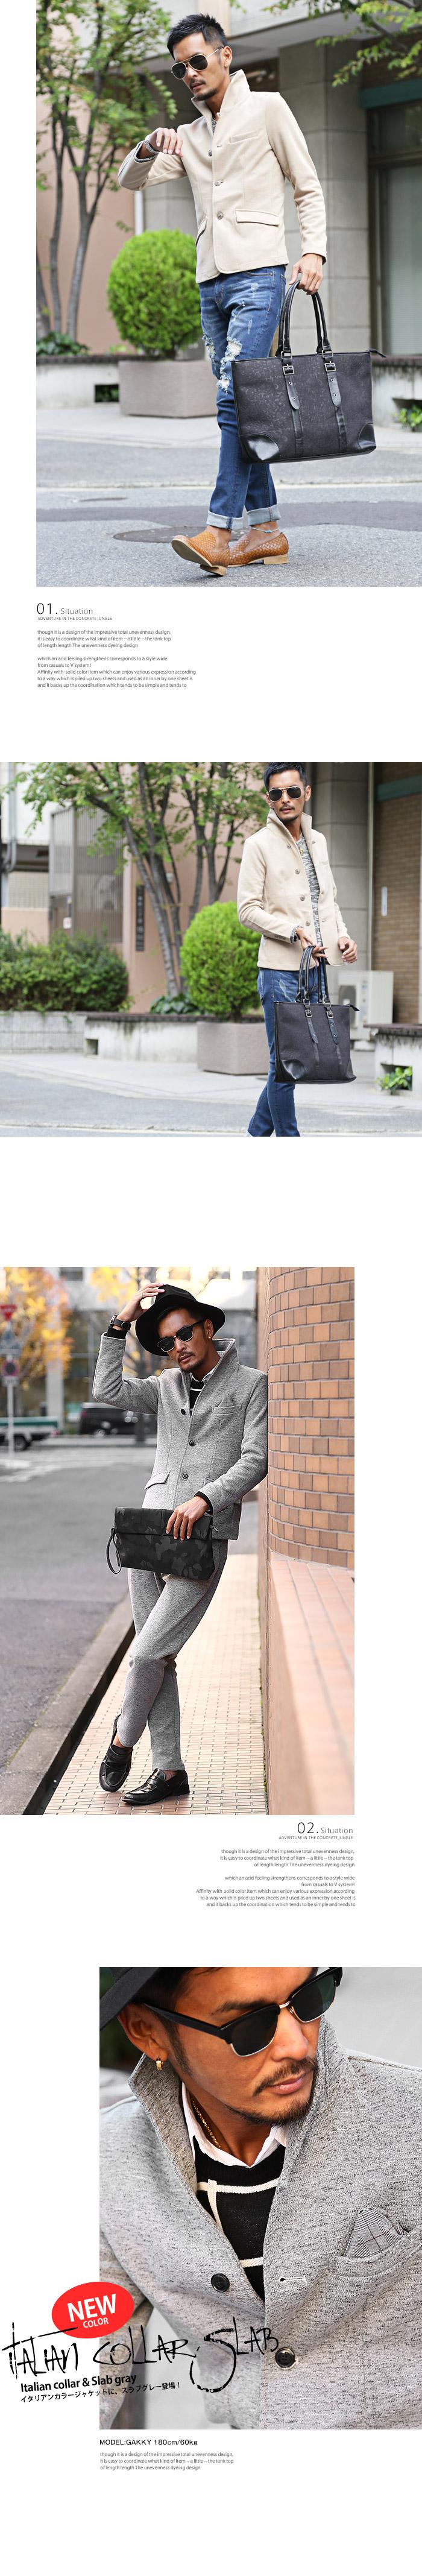 BITTER ジャケット メンズ イタリアンカラー テーラード テーラードジャケット スタンドカラー ポンチ スウェット スエット 細身 タイト 無地 ストレッチ 伸縮性 アウター 服 イメージ